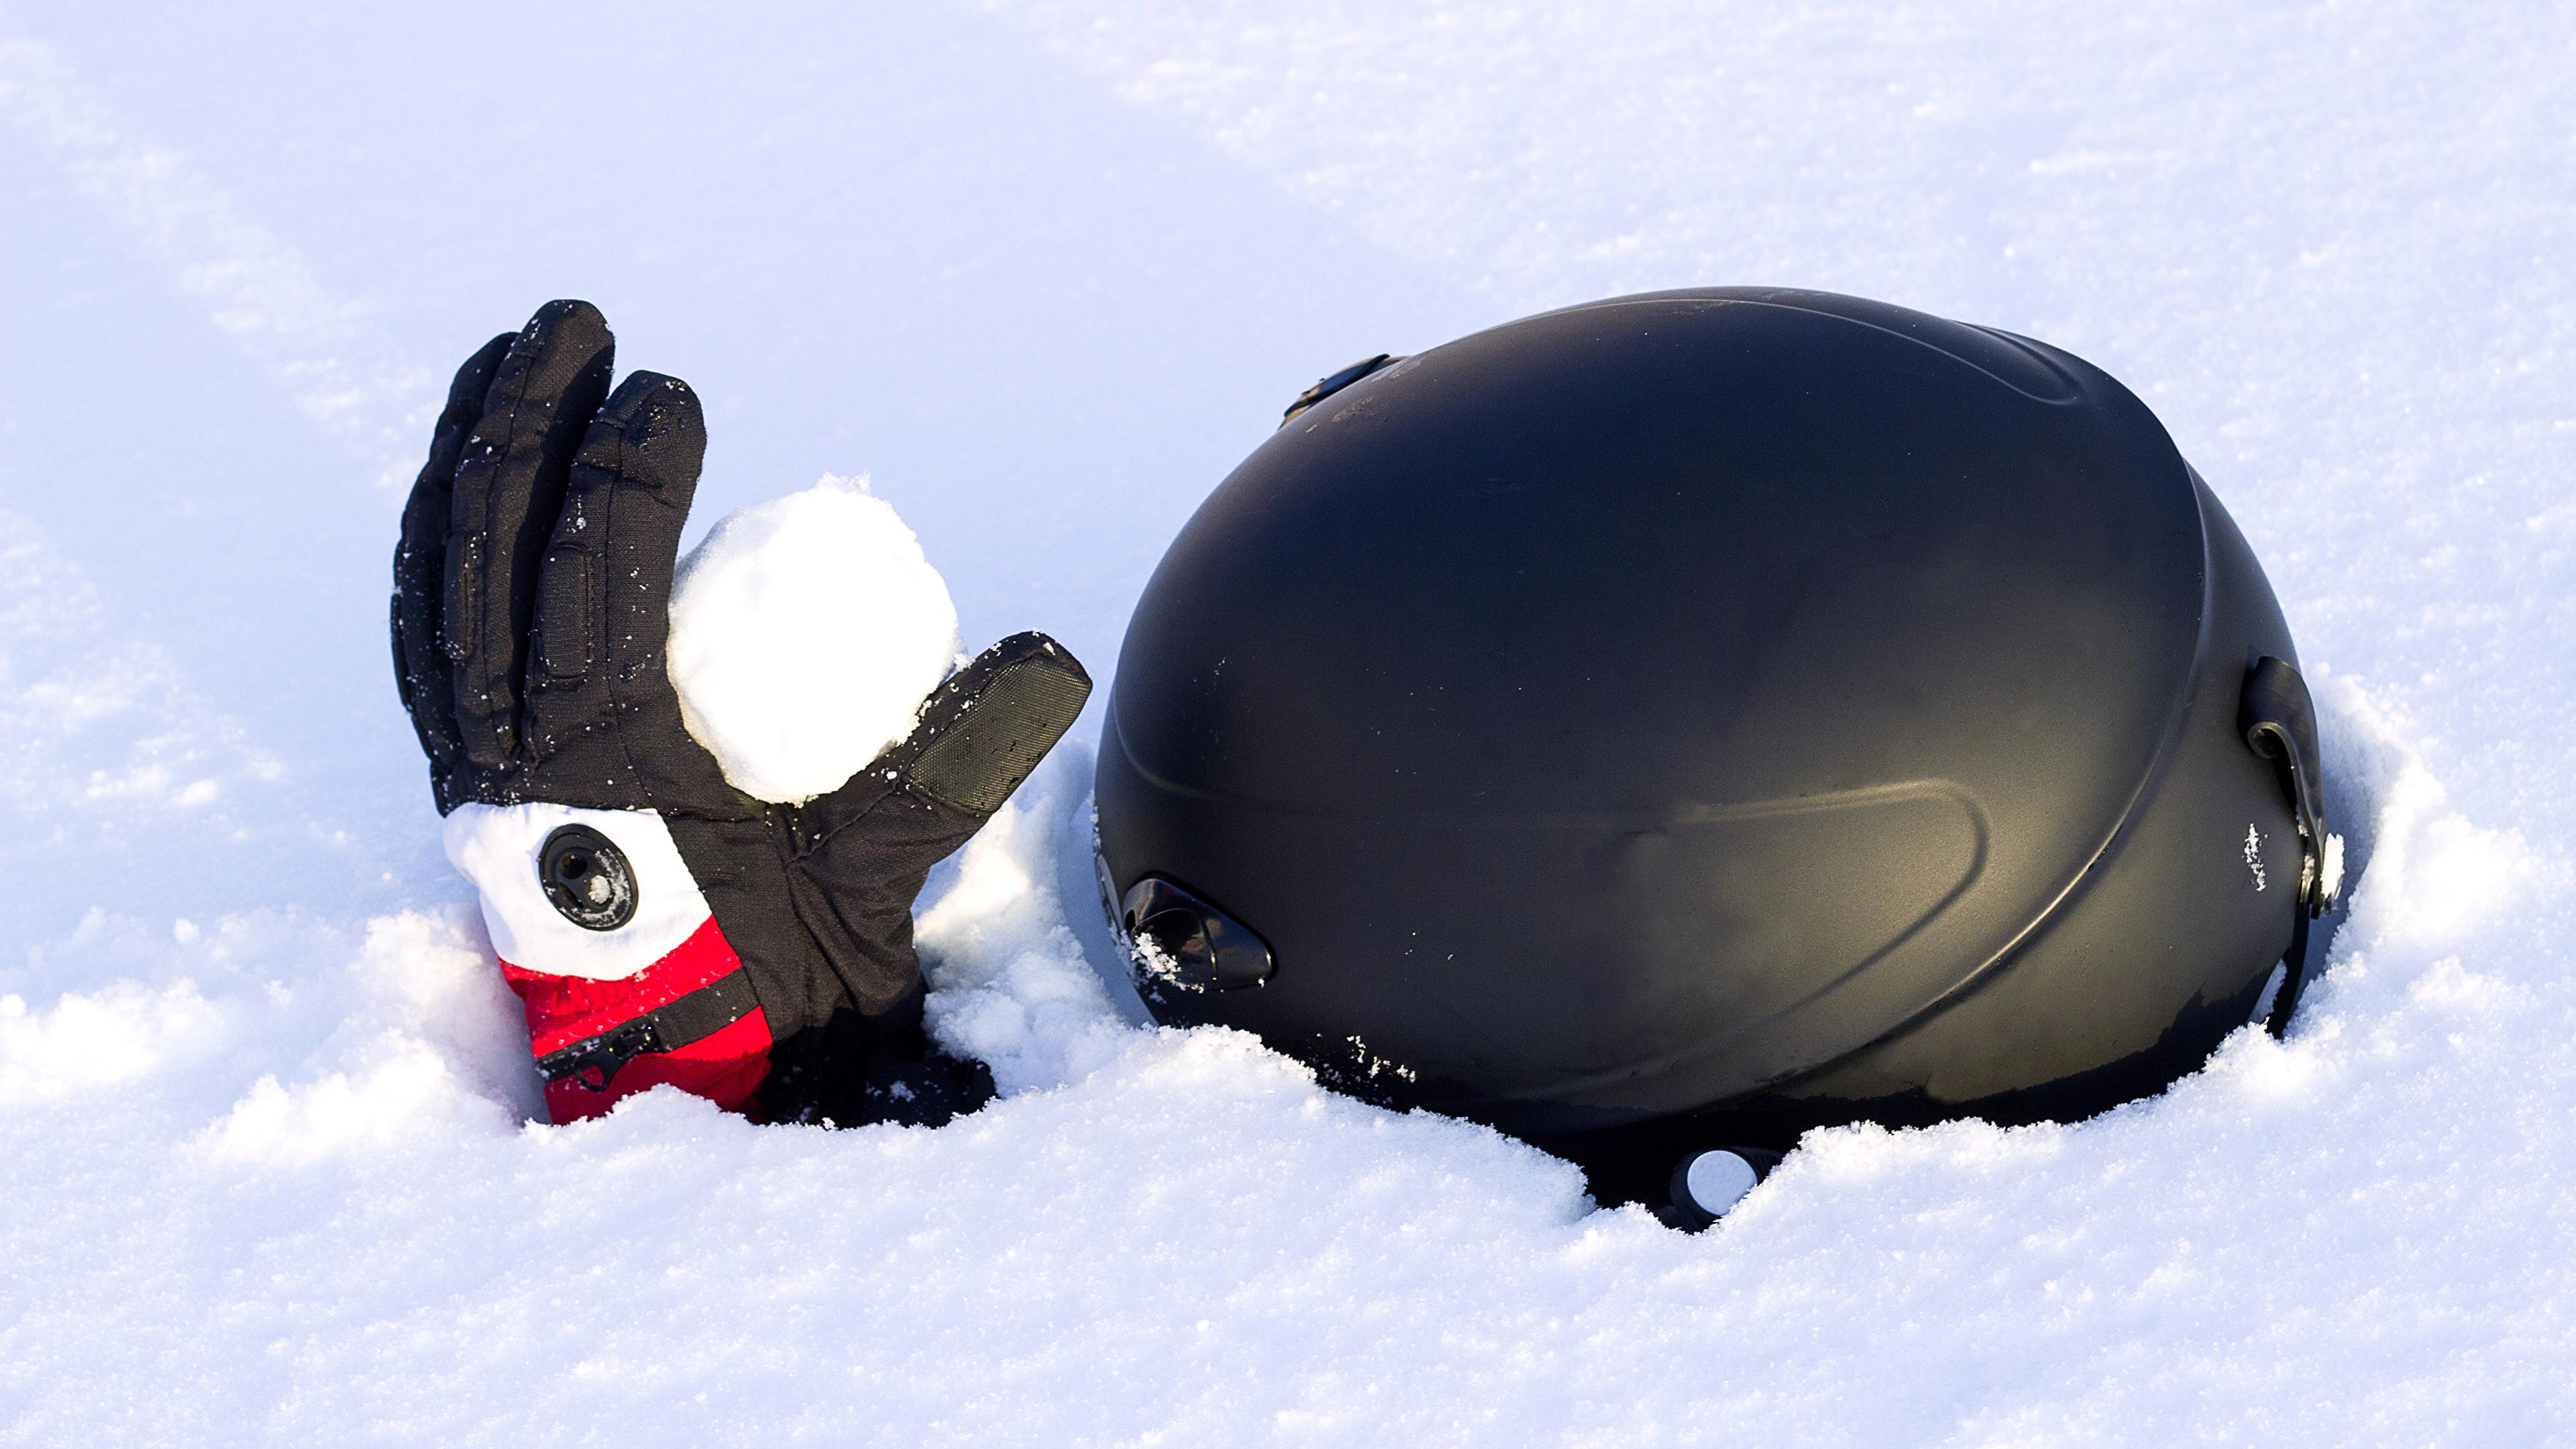 Фотографии в шлеме Перчатки Зима снега 3840x2160 Шлем шлема перчатках зимние Снег снегу снеге